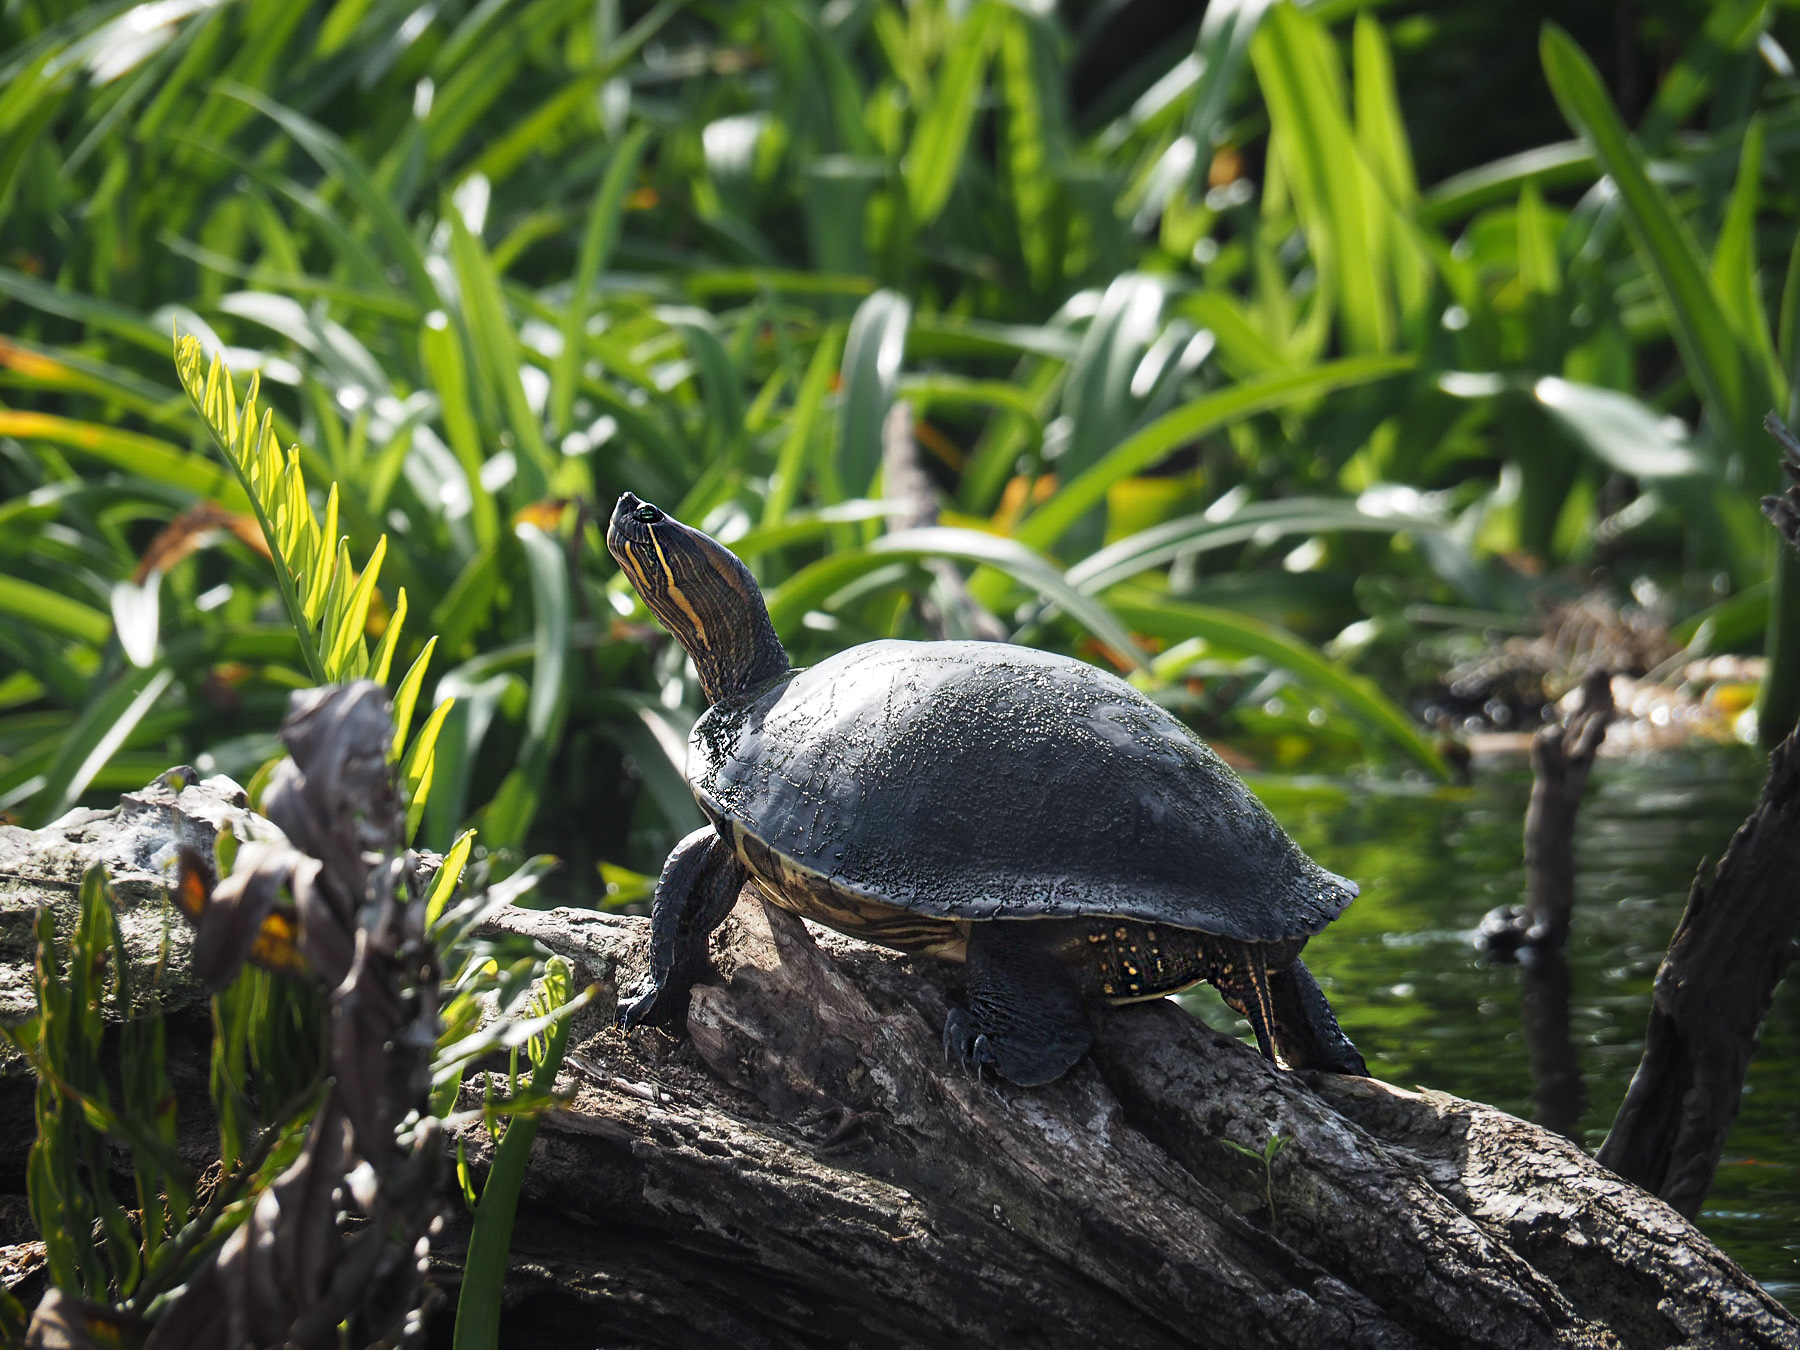 Viele Schildkröten sehen wir bei unserem Ausflug ...